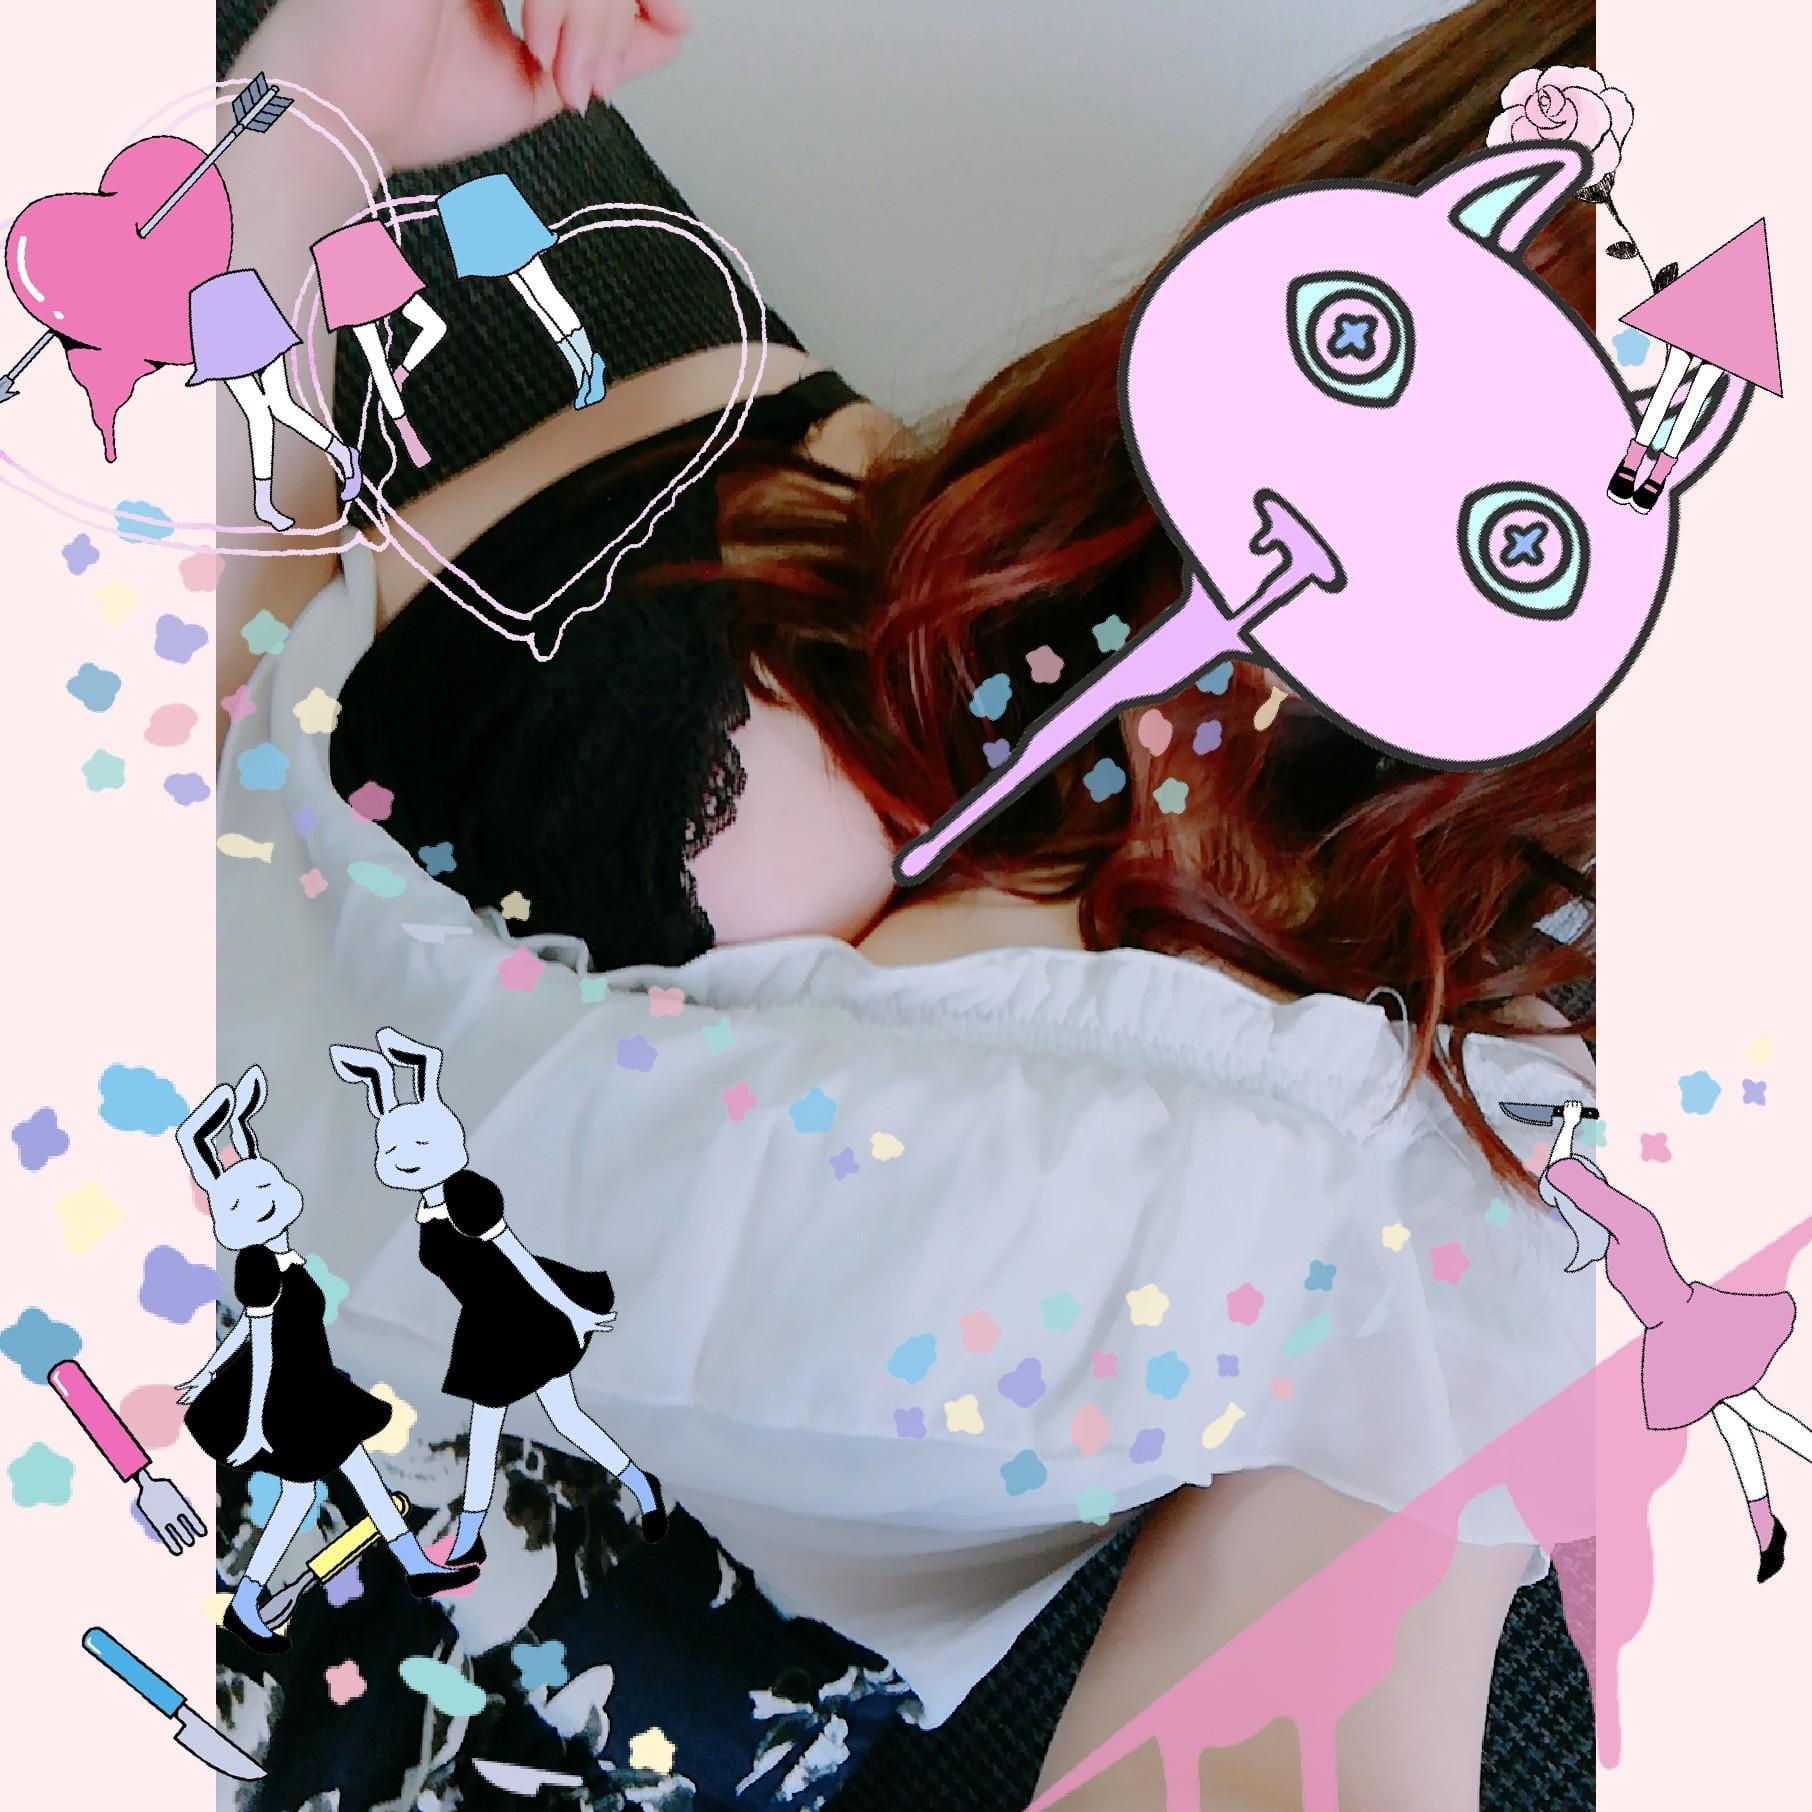 「ウェーブのお客様♡♡」12/08(土) 02:45 | つばさの写メ・風俗動画